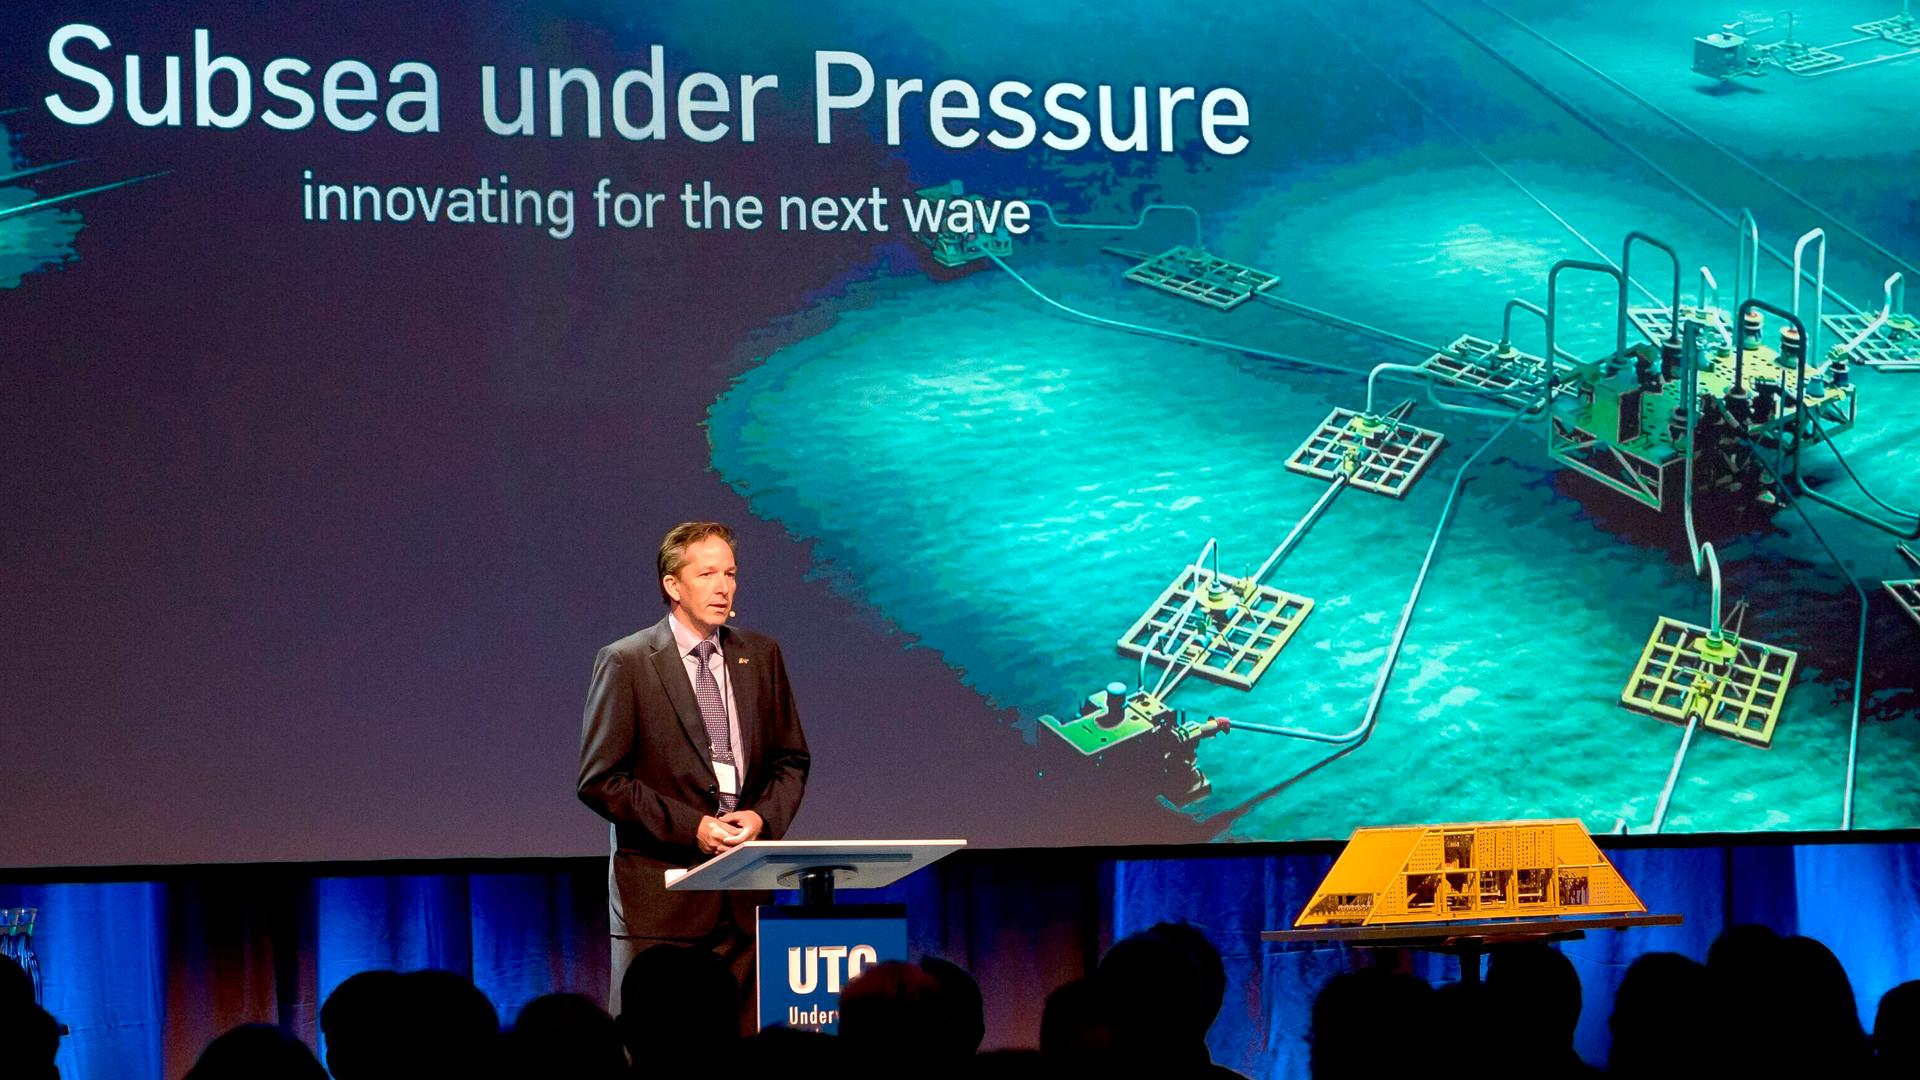 Må slankes: Subseaverden er under hardt press fra lave oljepriser, det var merkbart også på UTC-konferansen i 2015. Foto: UTC